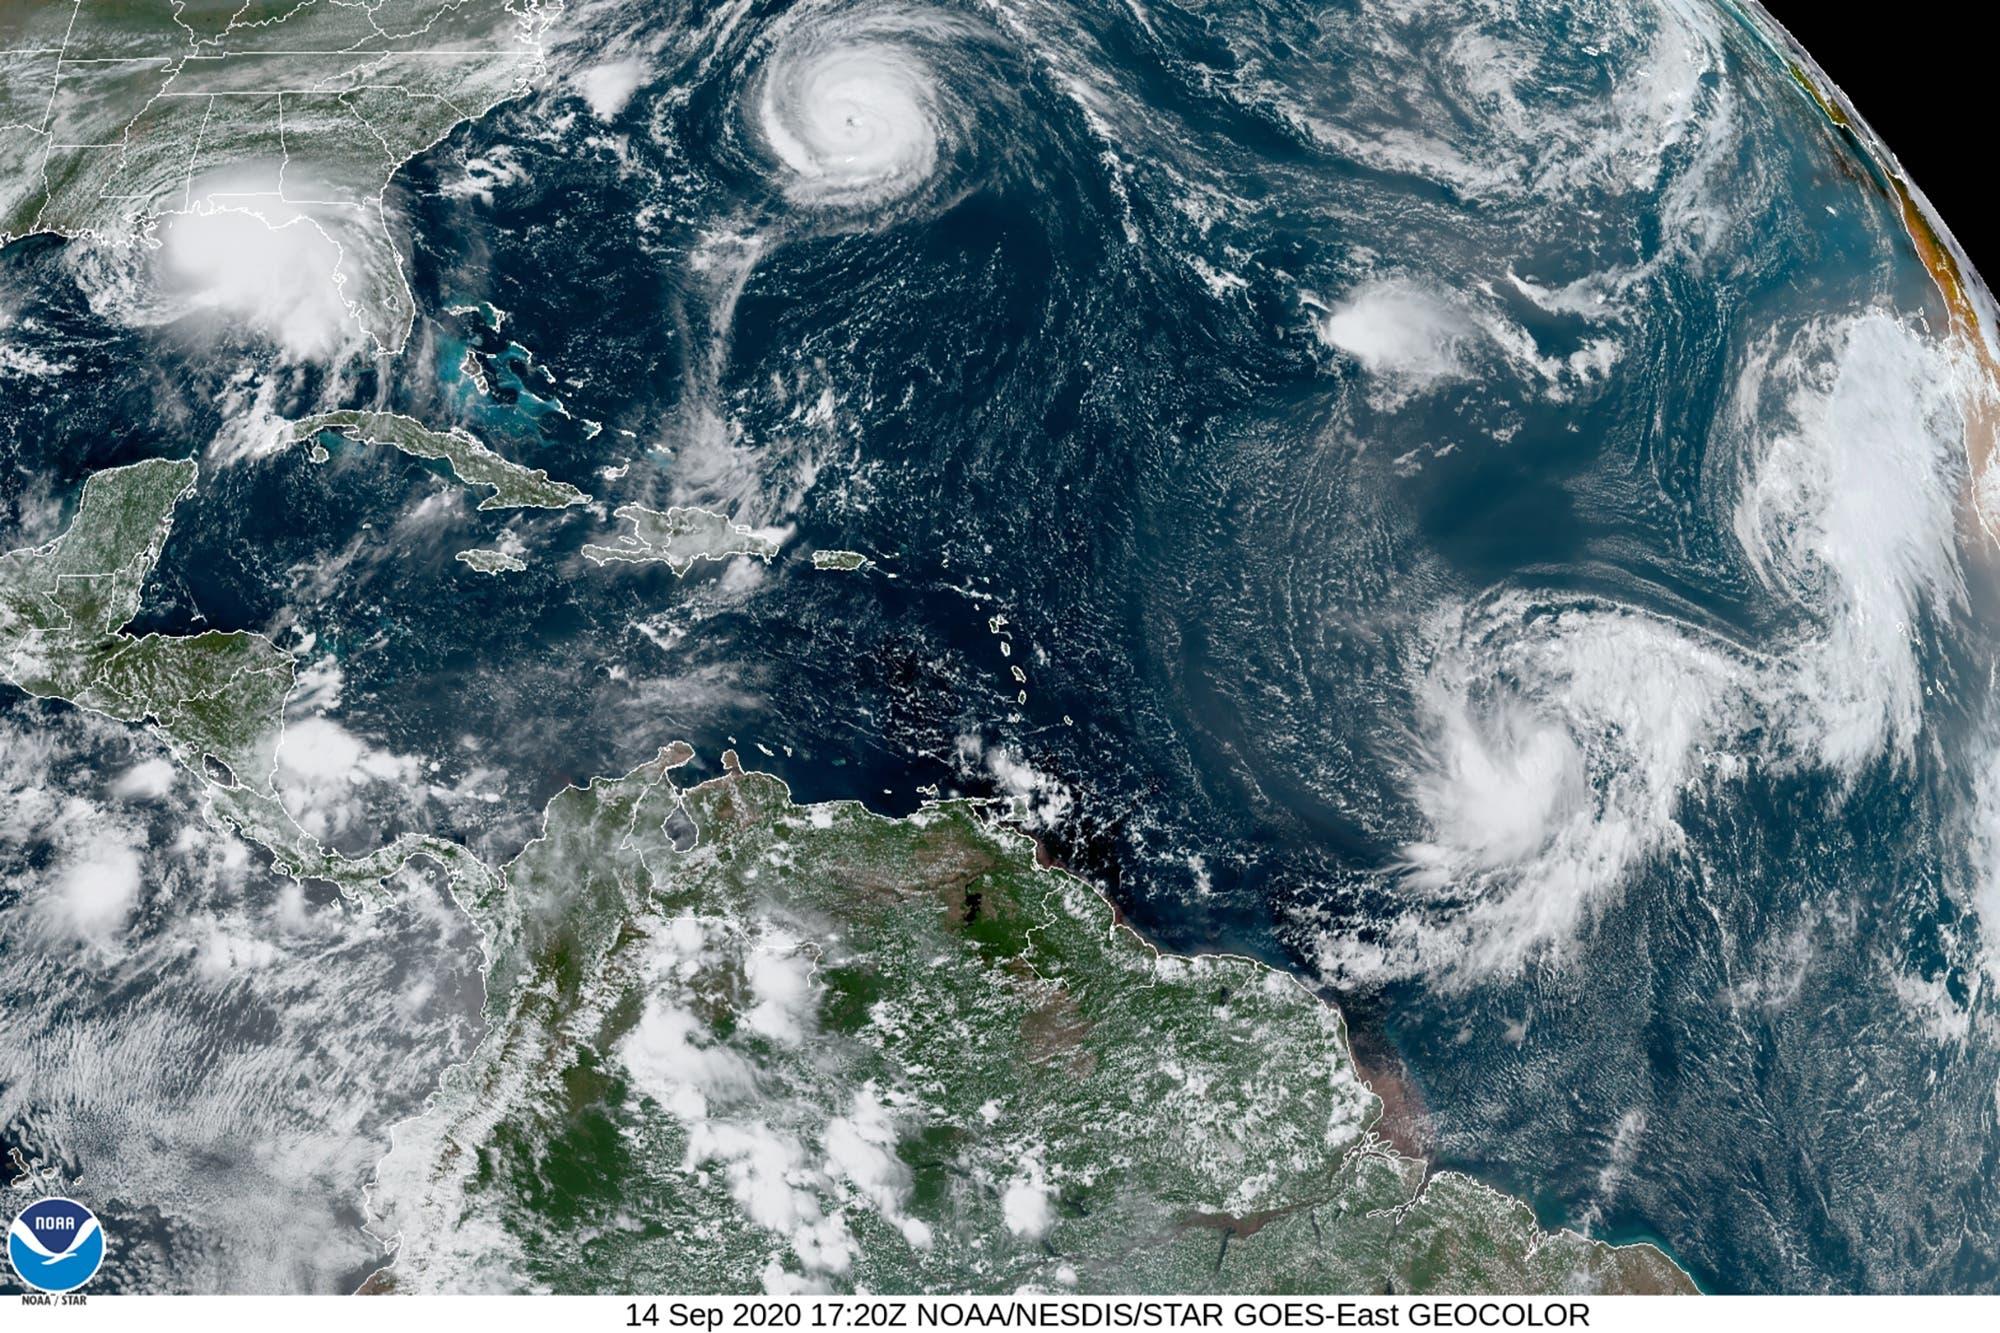 El huracán Sally se acerca a las costas de EEUU en el Golfo